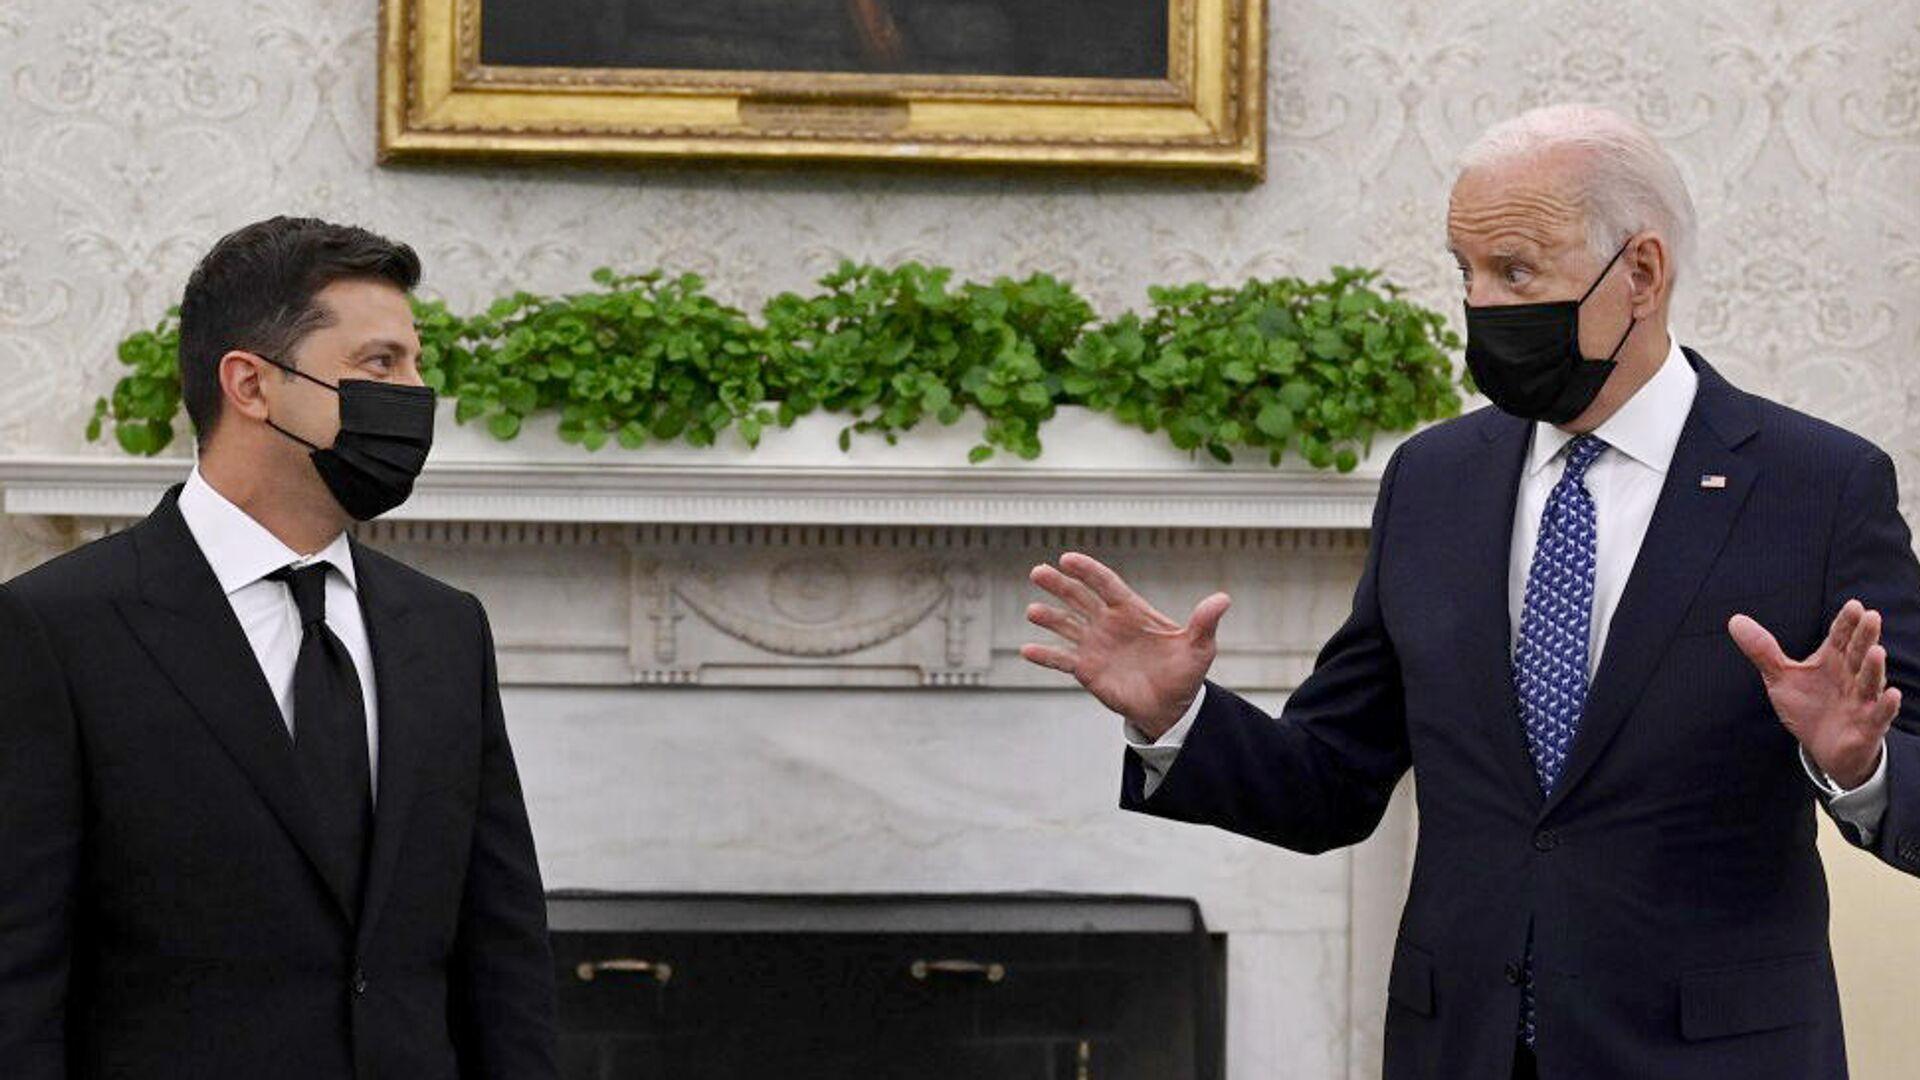 Президент Украины Владимир Зеленский и президент США Джо Байден во время встречи в Белом доме - РИА Новости, 1920, 05.09.2021